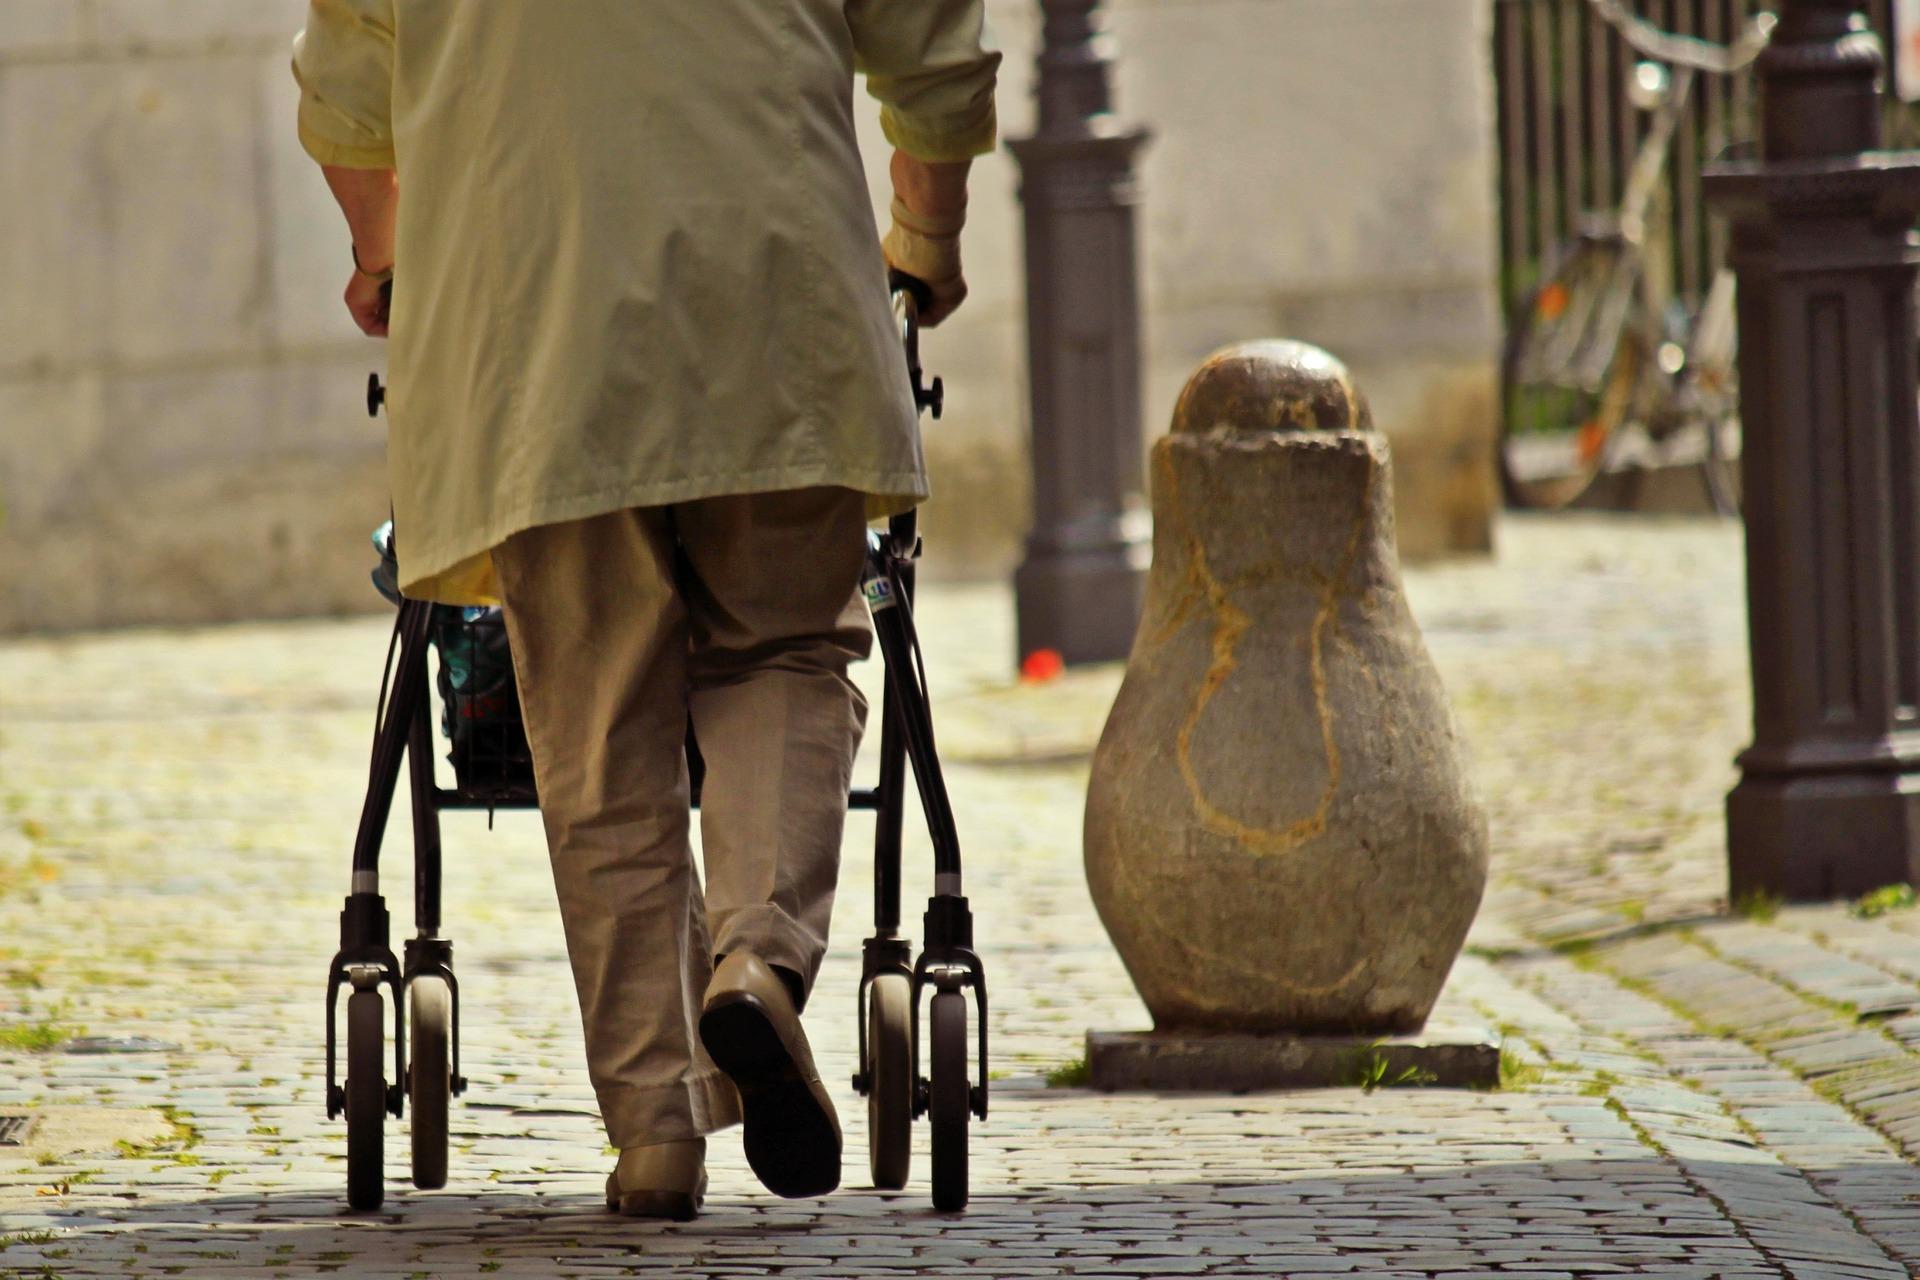 favorecer la autonomía de las personas mayores,